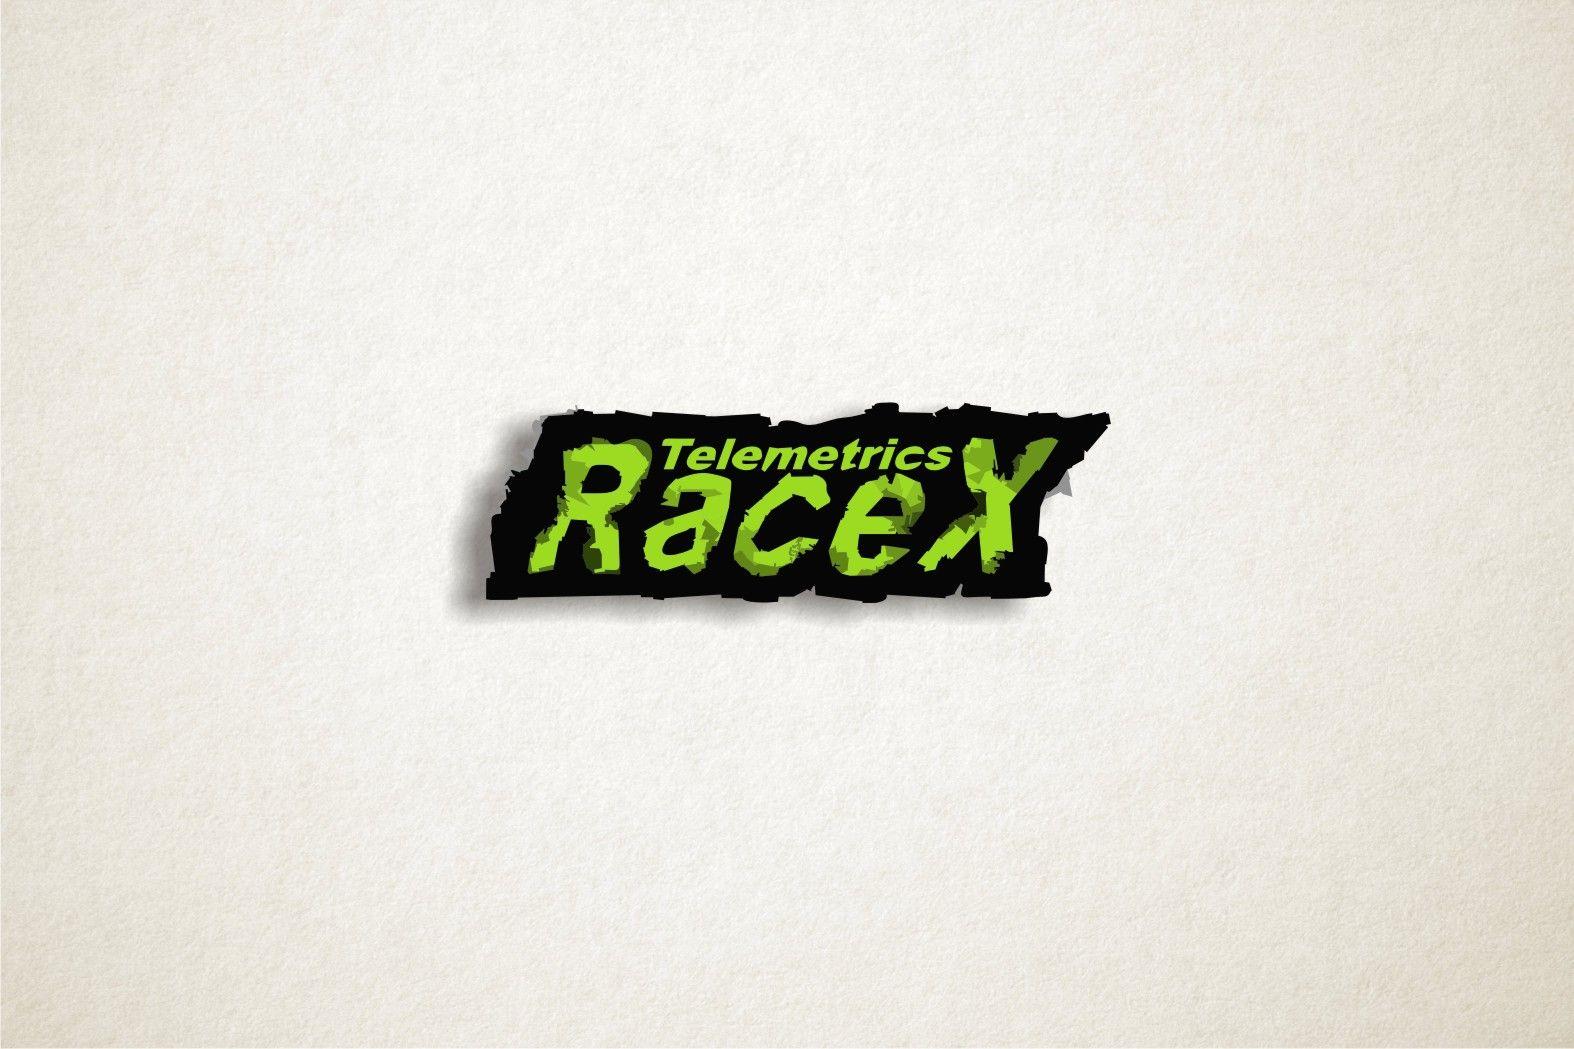 Логотип RaceX Telemetrics  - дизайнер Evgenia_021